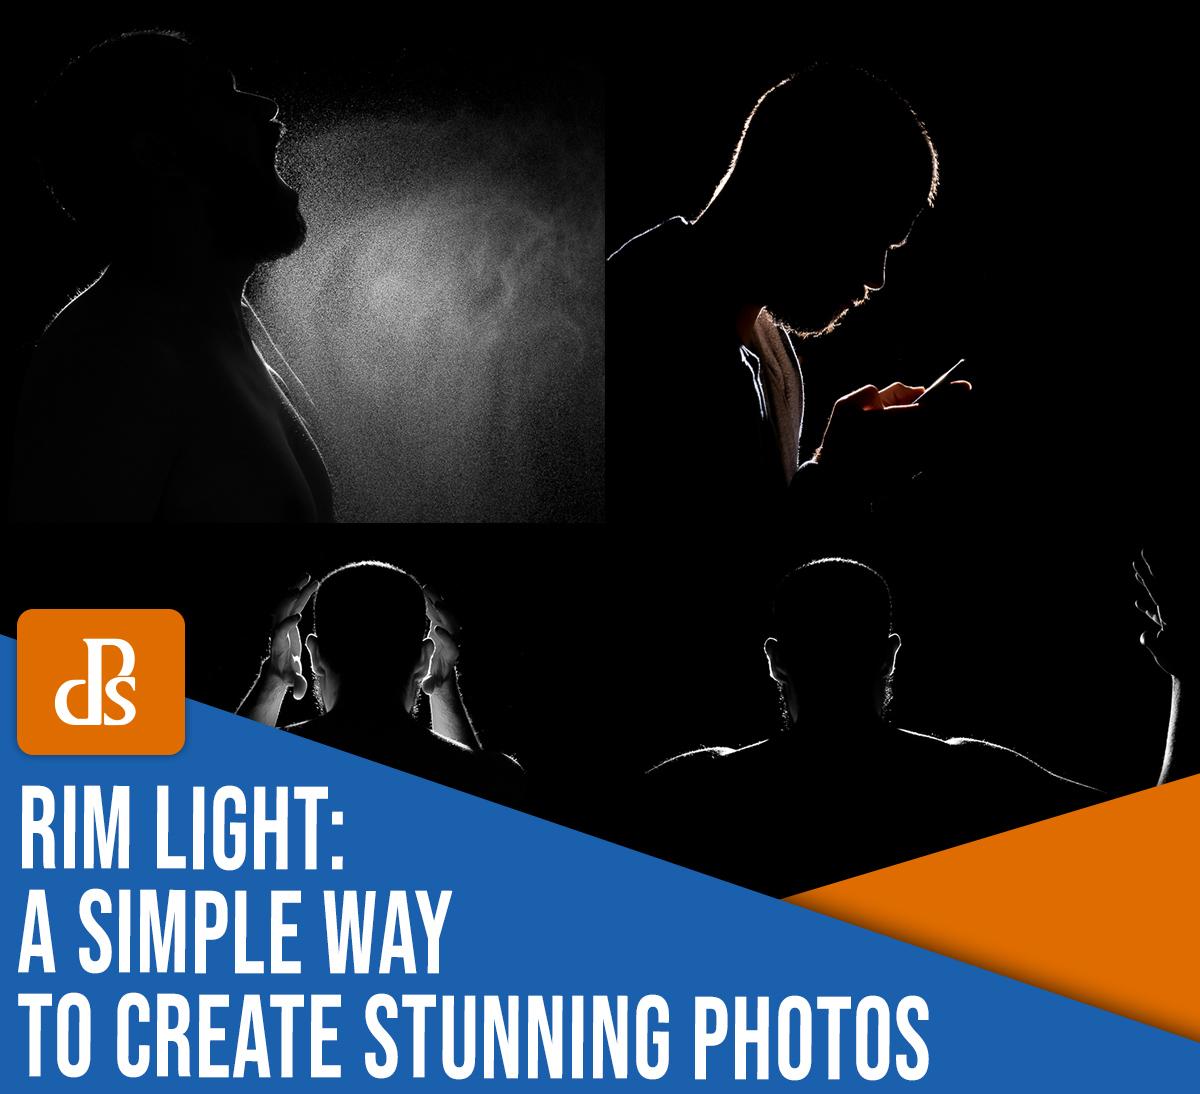 A fotografia Edge Light uma maneira fácil de criar fotos impressionantes